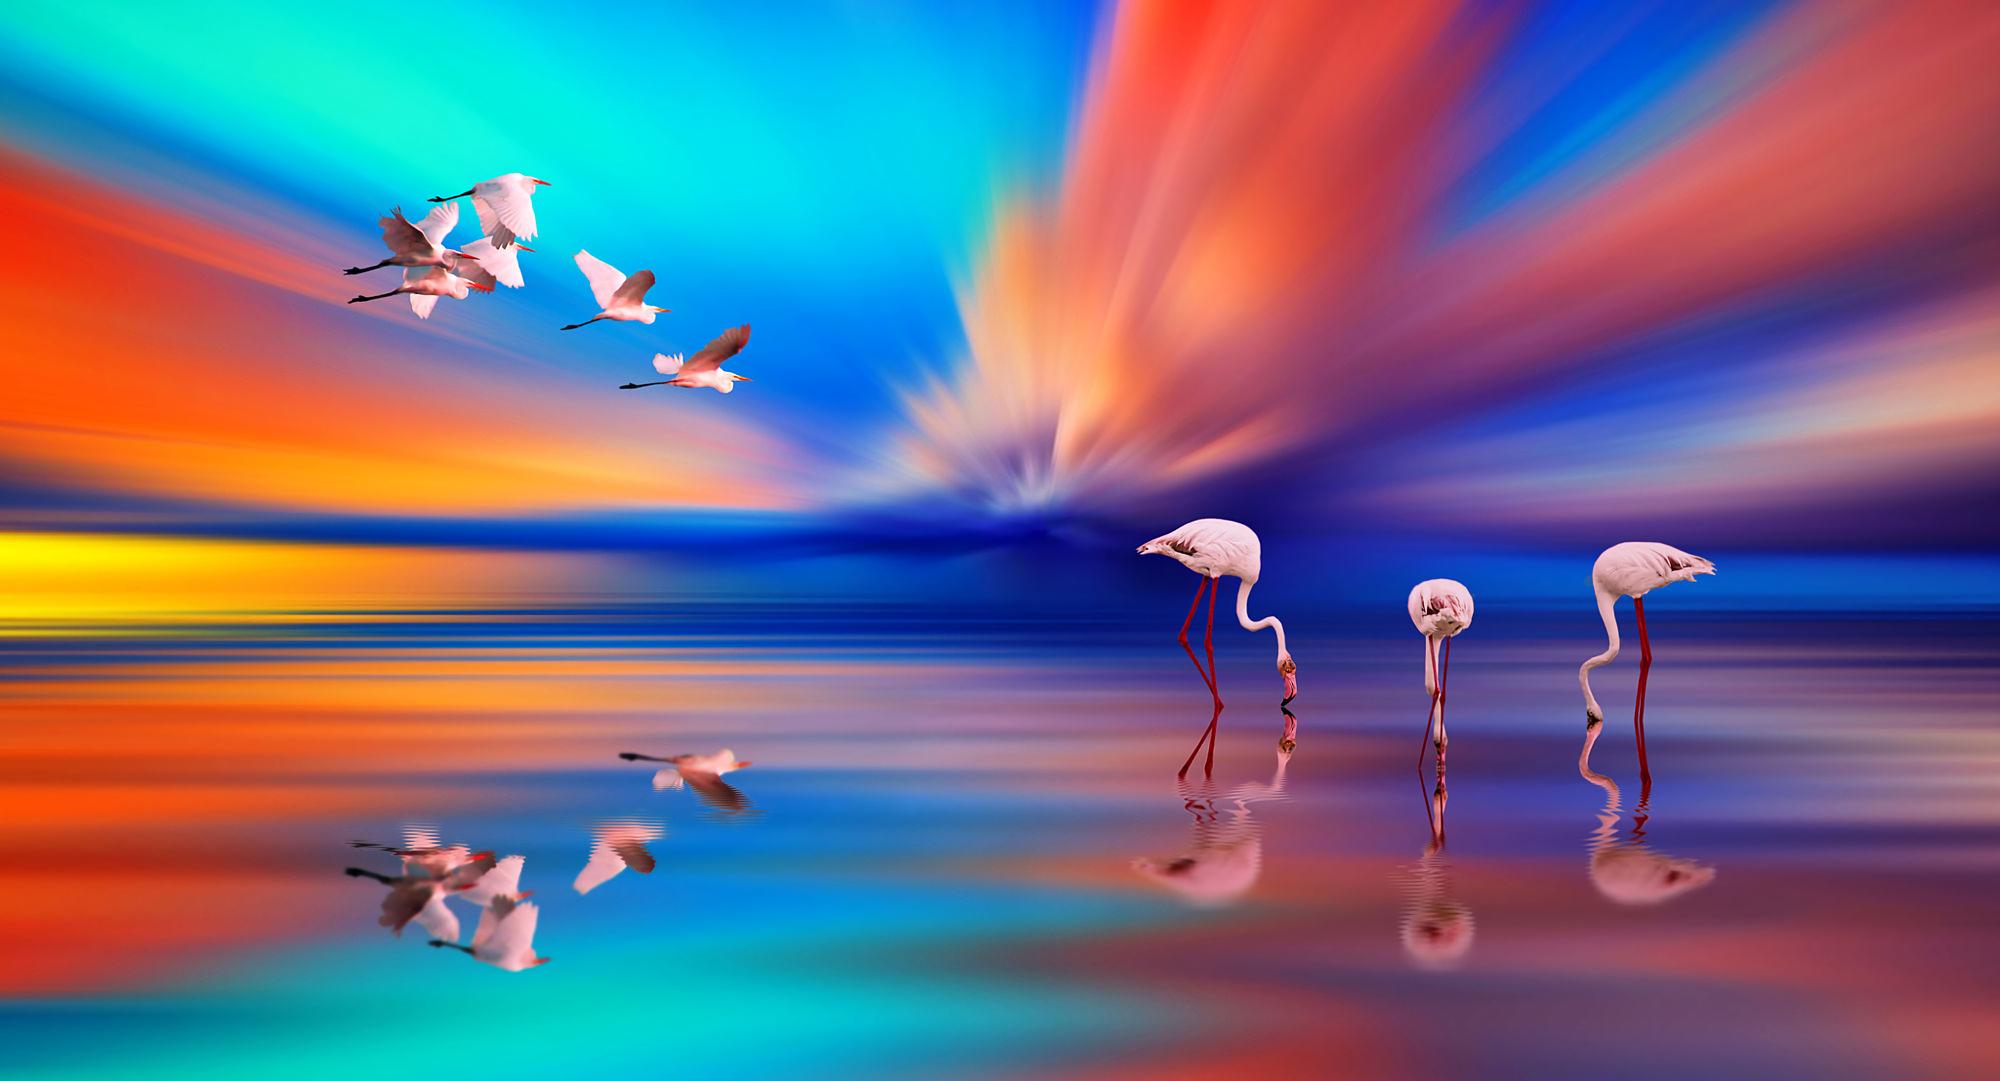 Hình nền các loài chim đẹp nhất